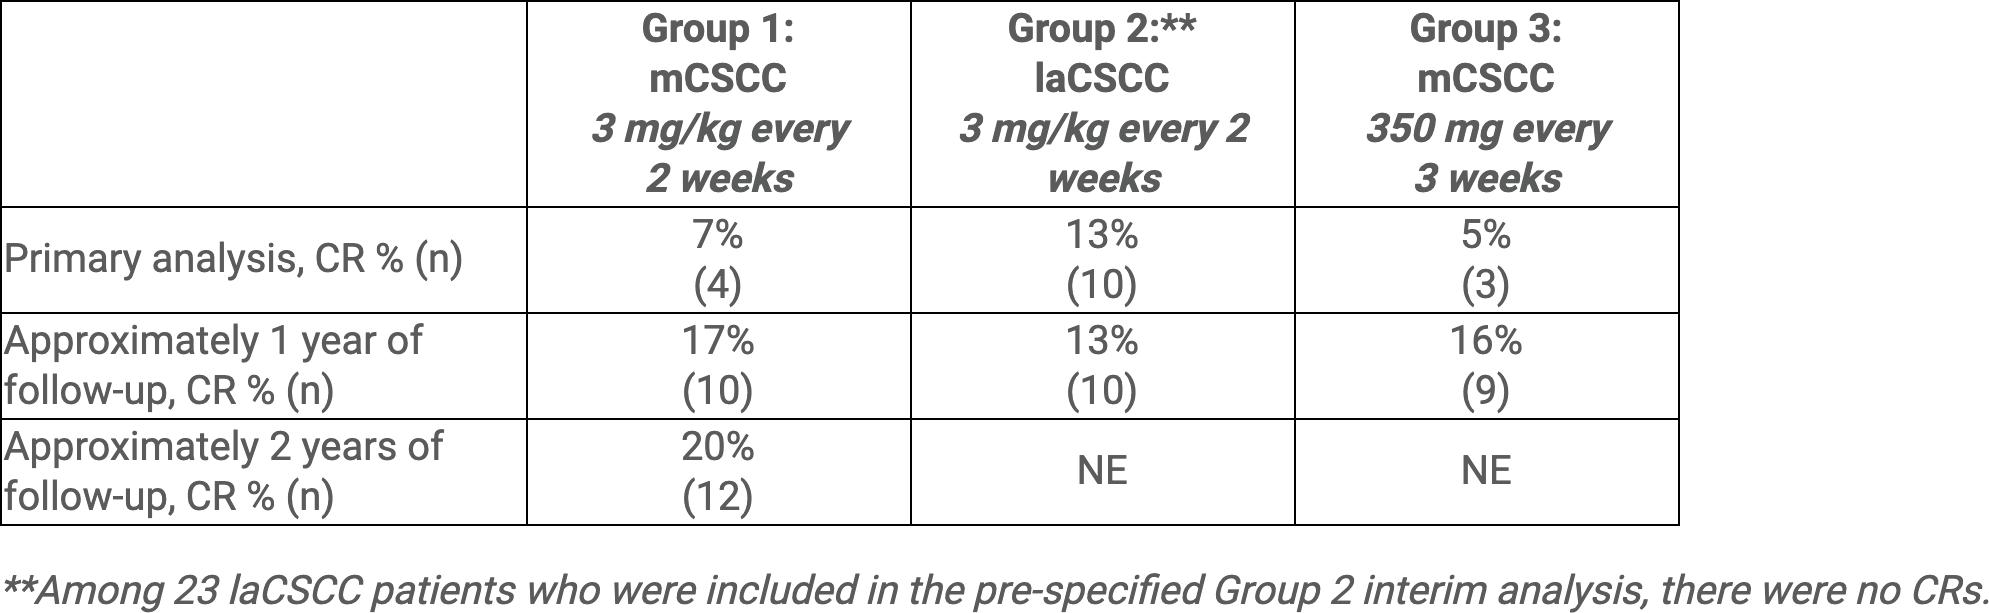 nct02760498 results 02 - «Либтайо»: первое специфическое лекарство против распространенного плоскоклеточного рака кожи